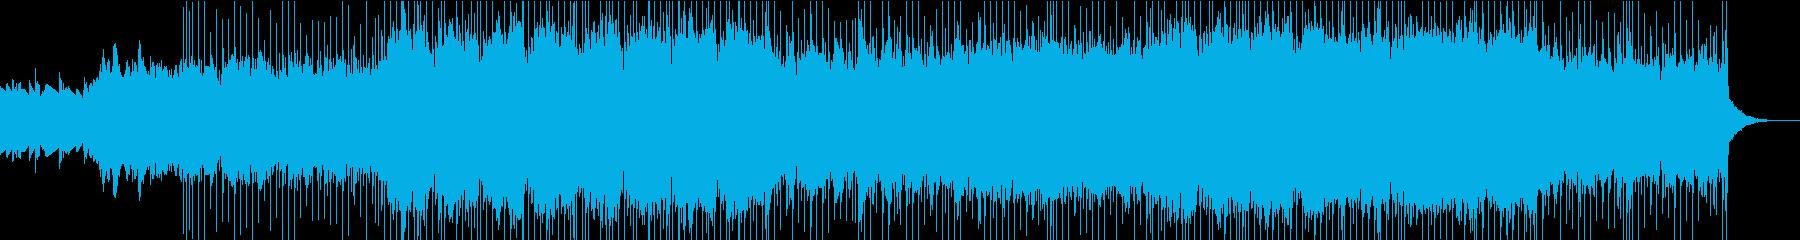 ほとばしる疾走感/レーシング/対決/生音の再生済みの波形